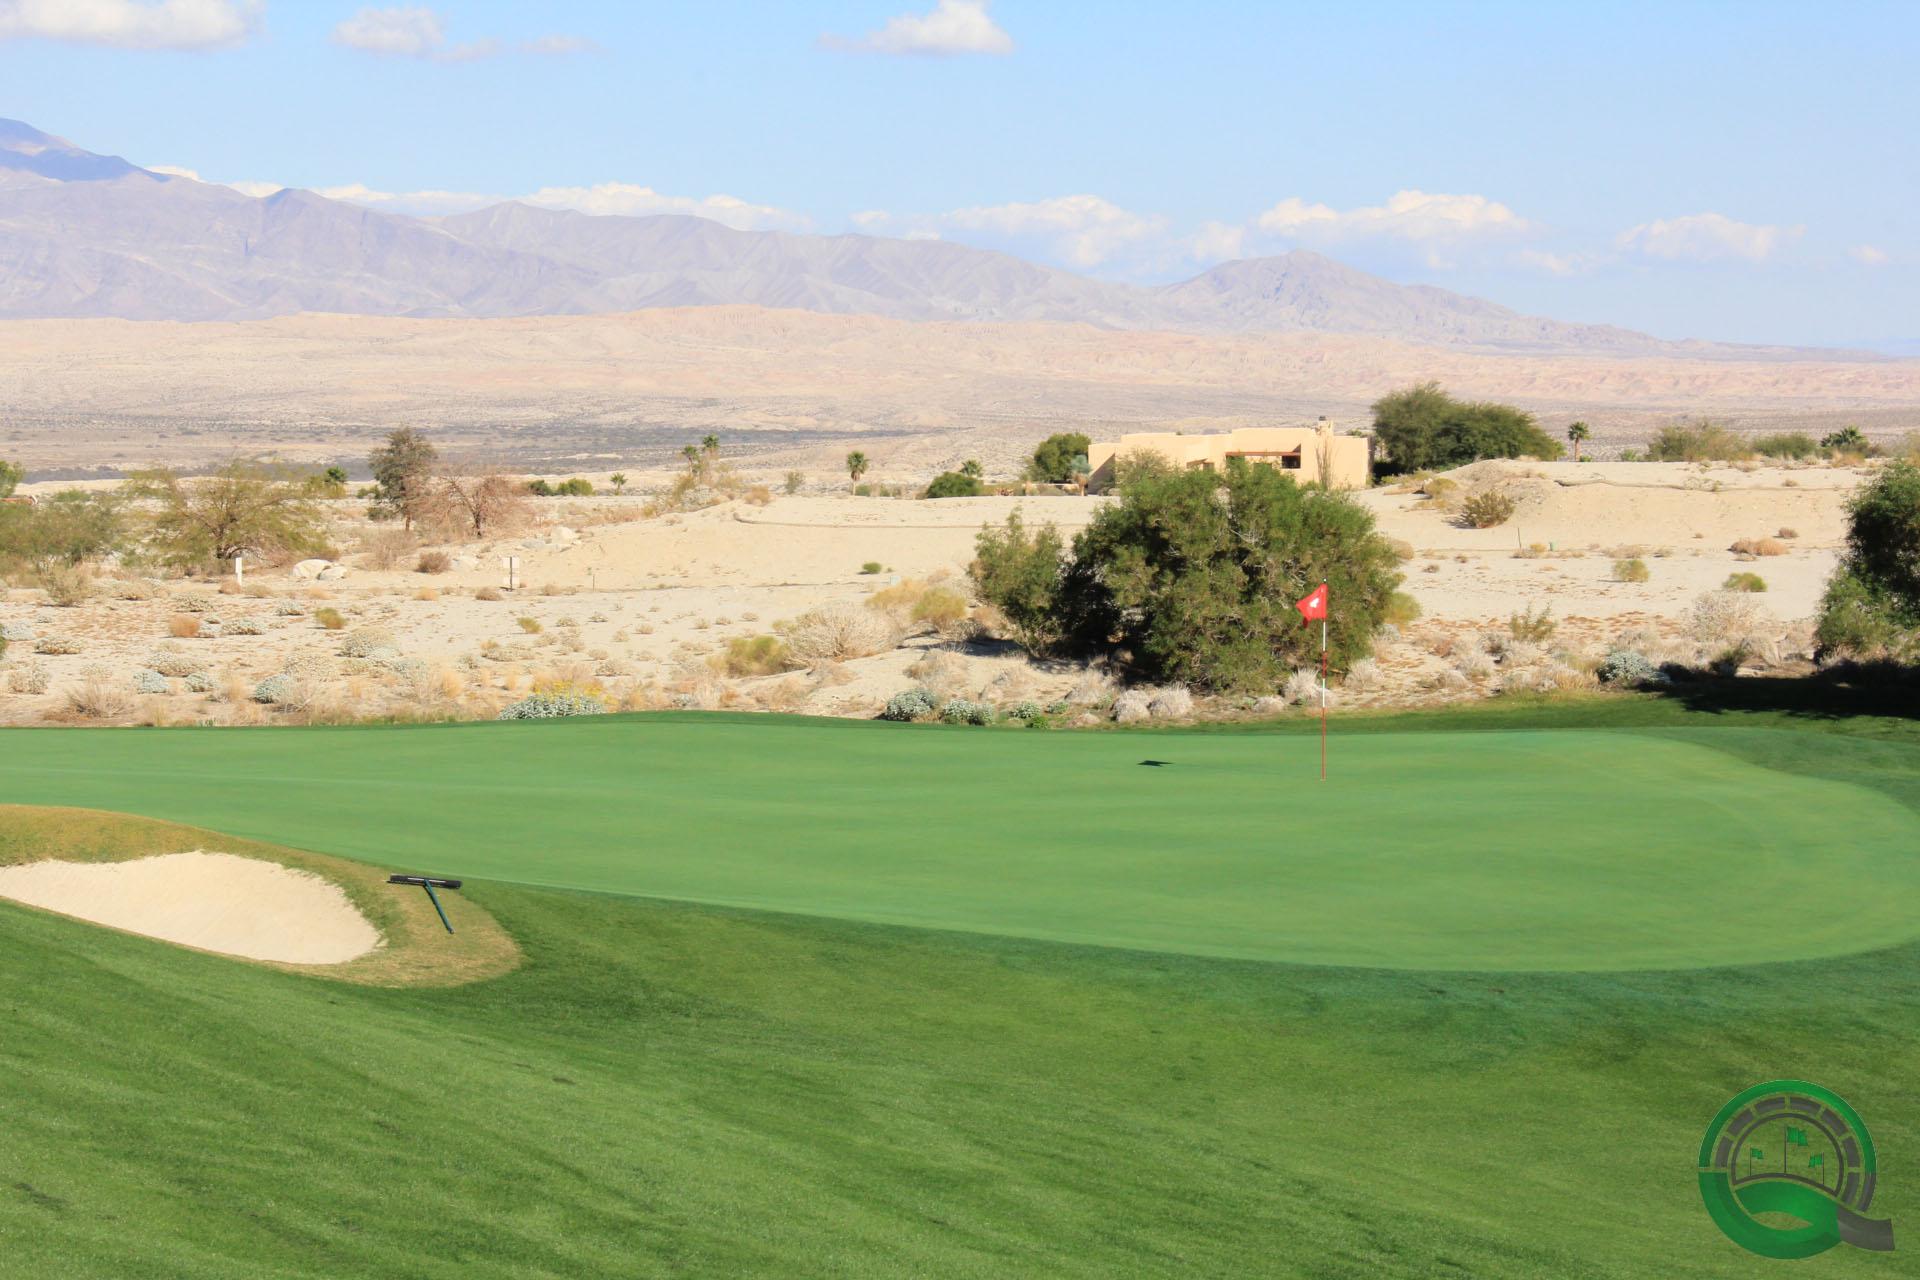 Rams Hill Golf Club Hole 7 Green